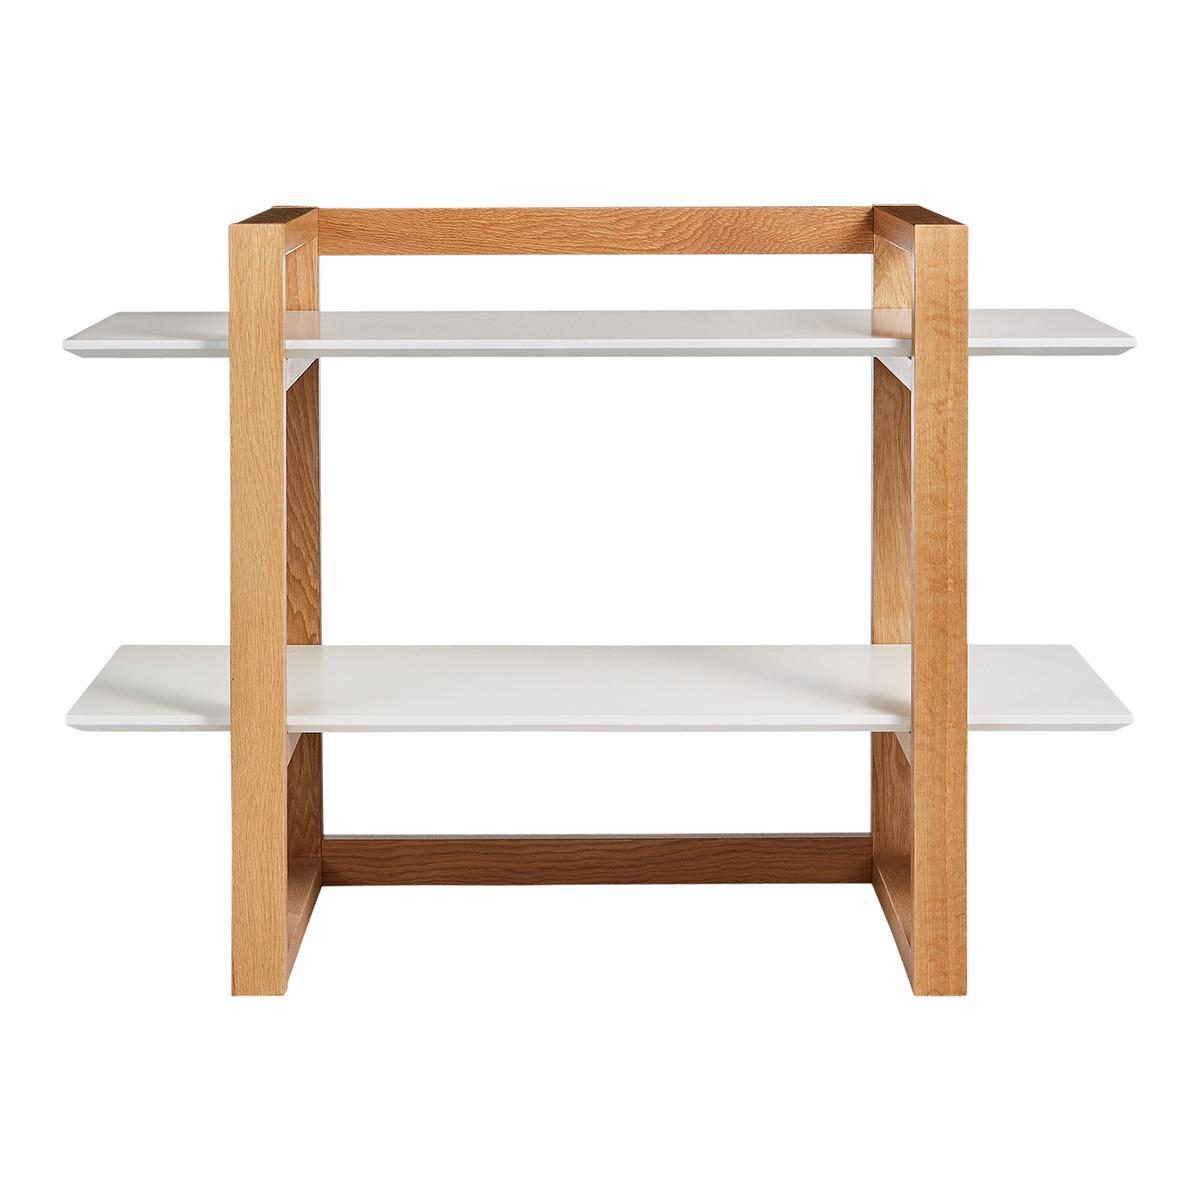 Estanterias el corte ingles7 - Rinconeras de madera ...